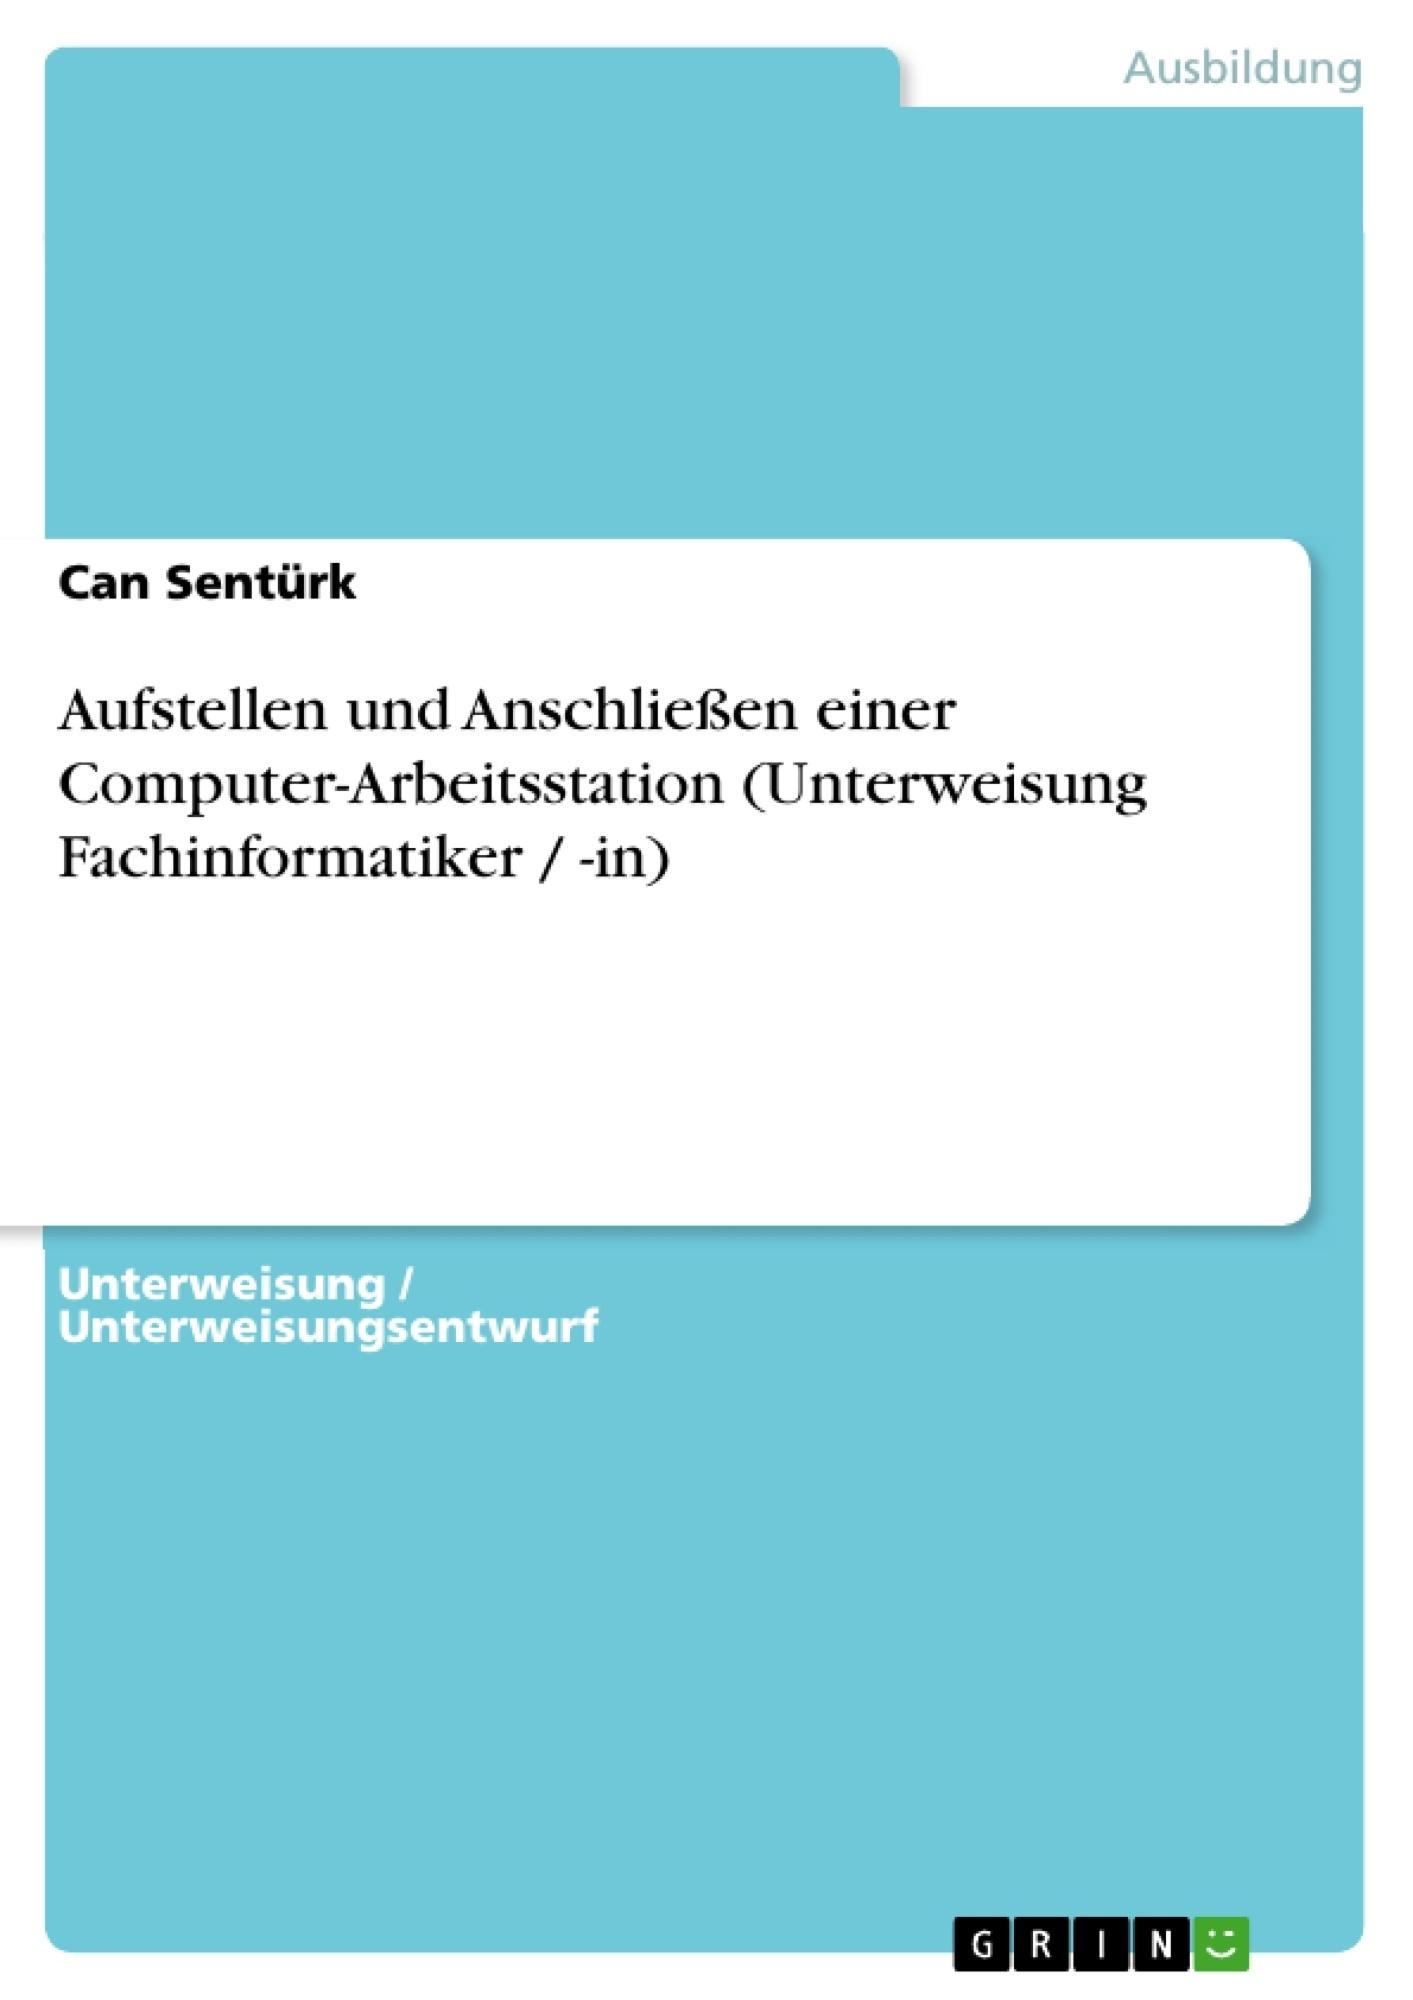 Titel: Aufstellen und Anschließen einer Computer-Arbeitsstation (Unterweisung Fachinformatiker / -in)